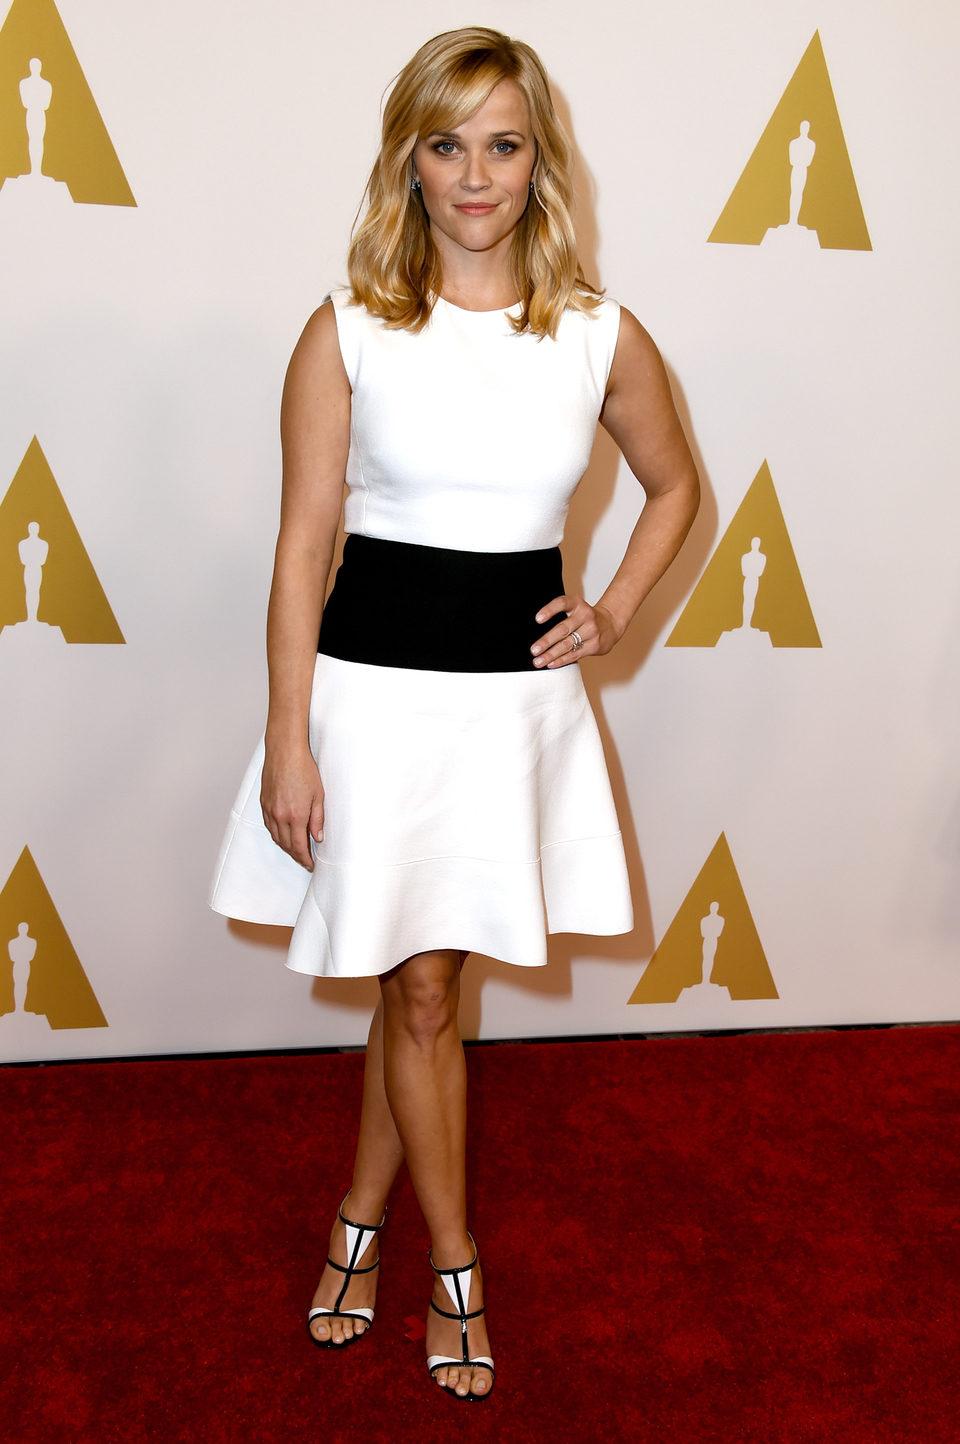 Reese Witherspoon en el almuerzo de los nominados a los Oscar 2015